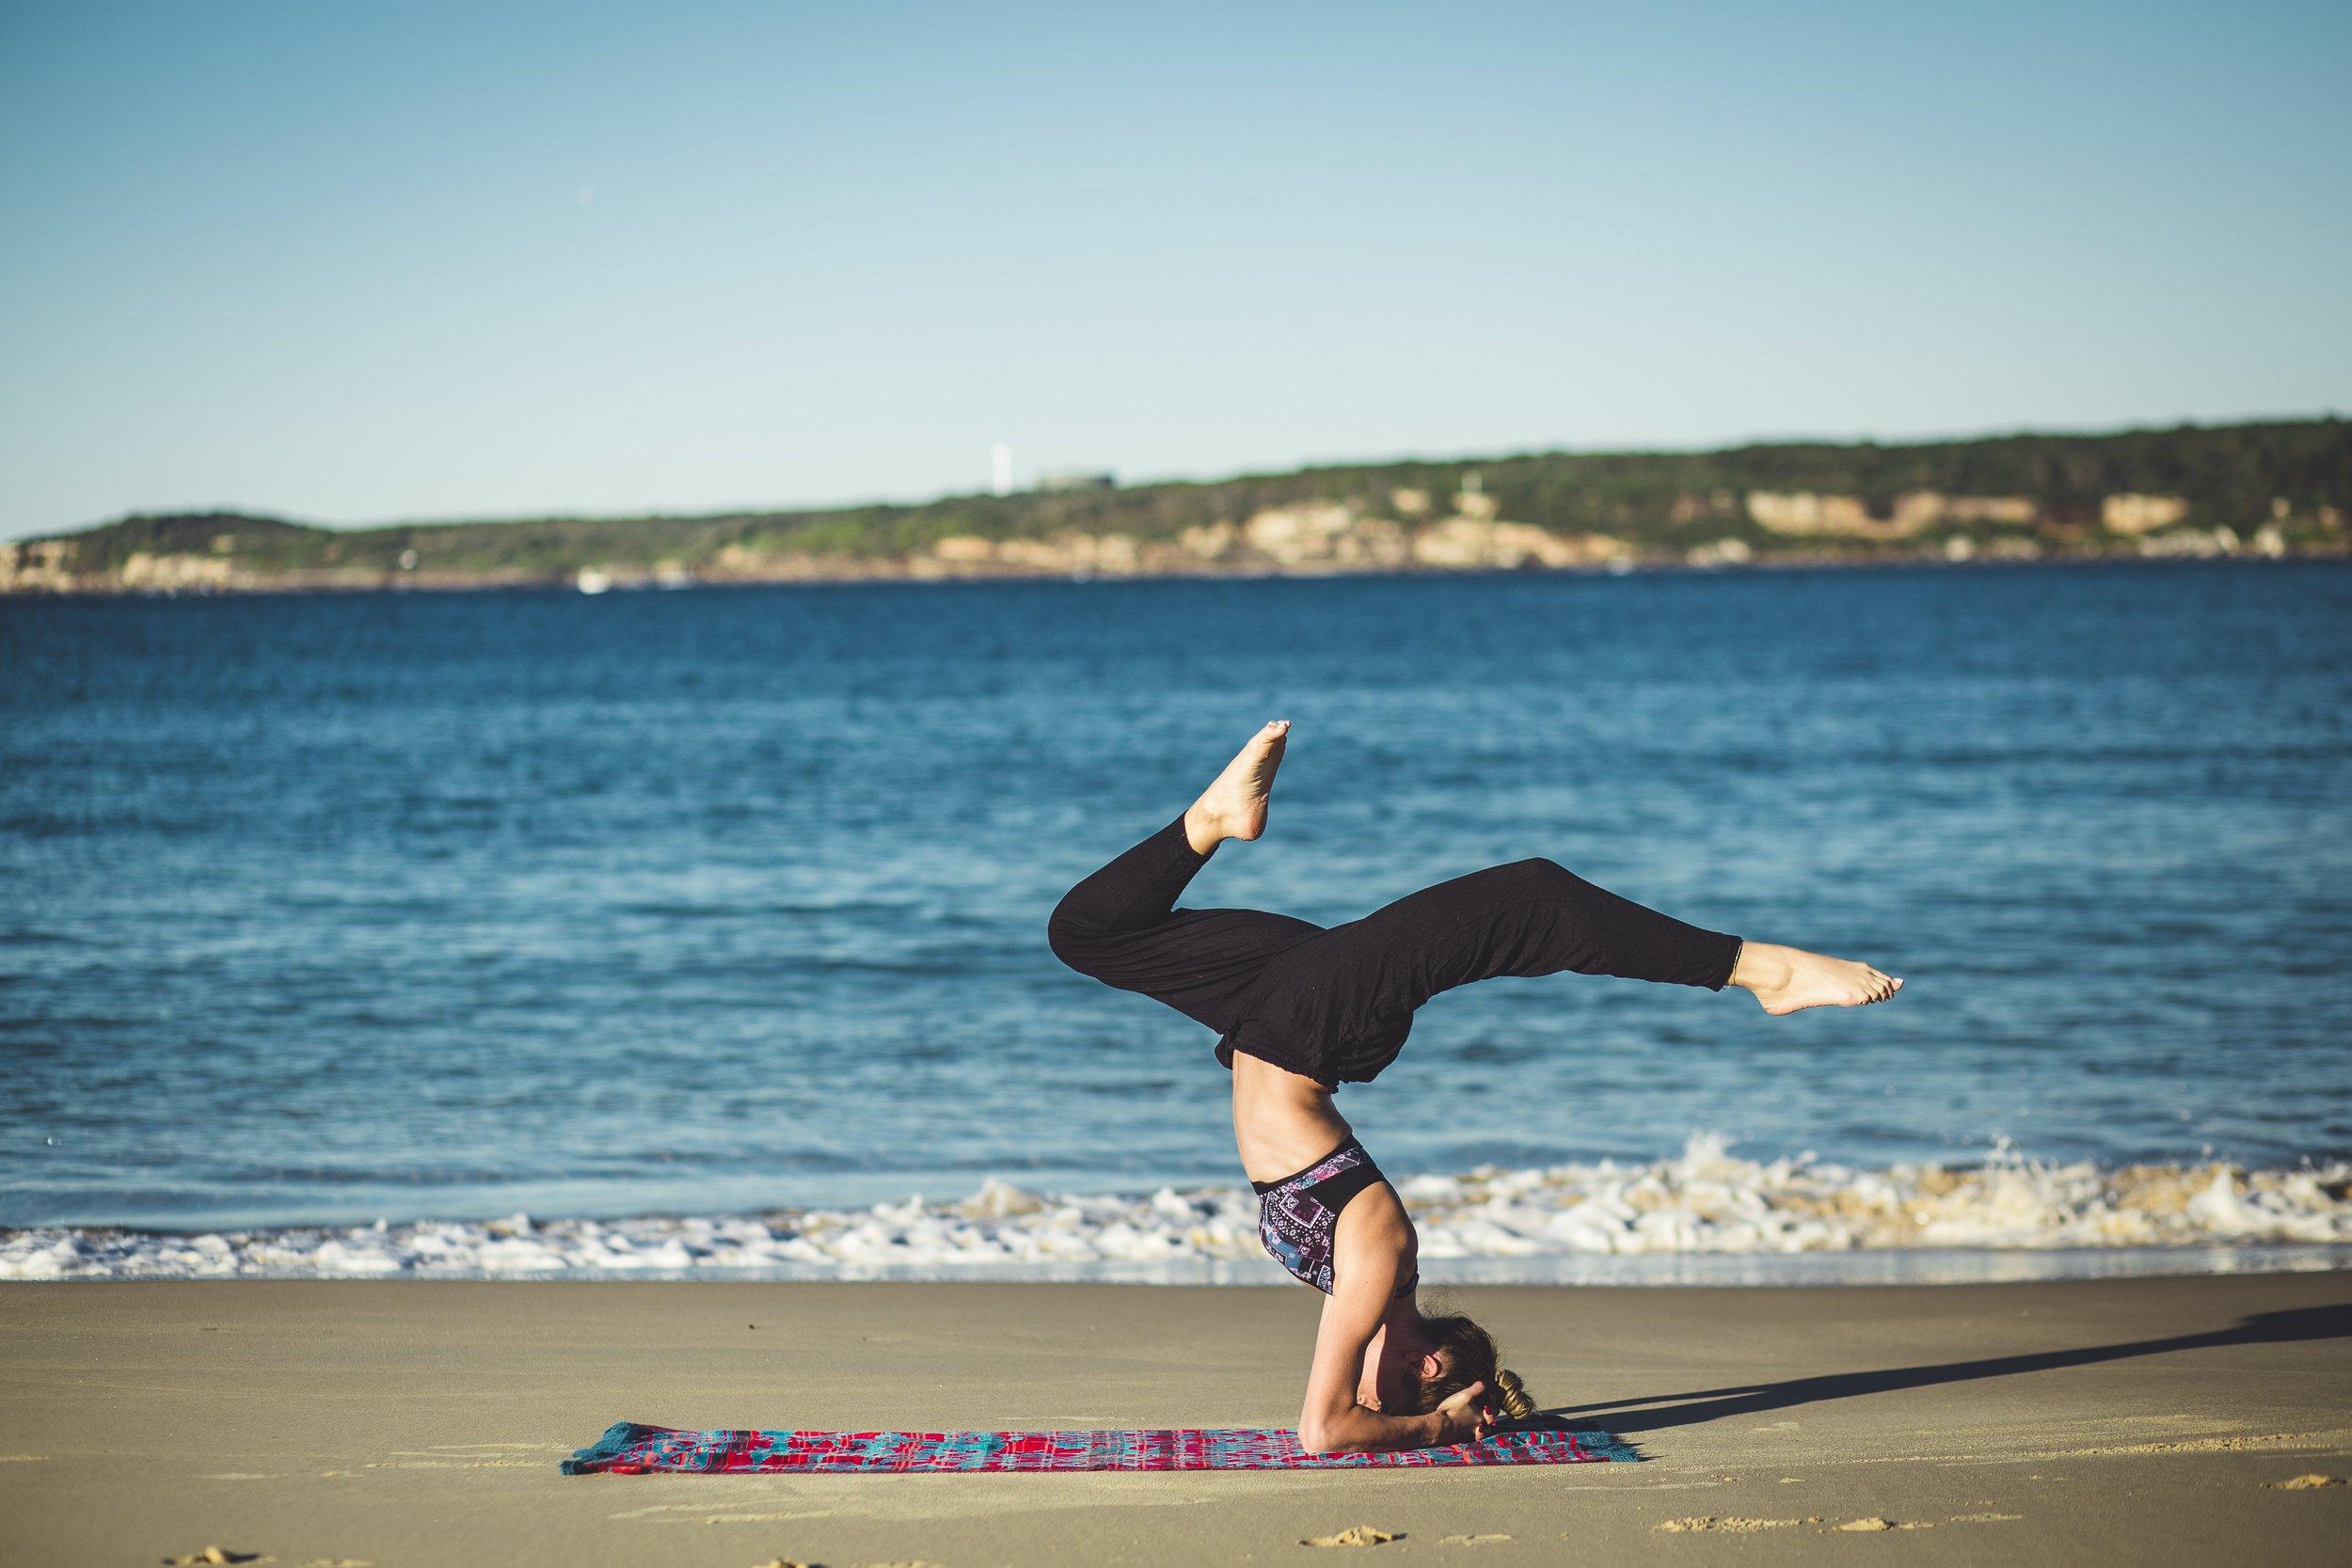 Posture & Balance